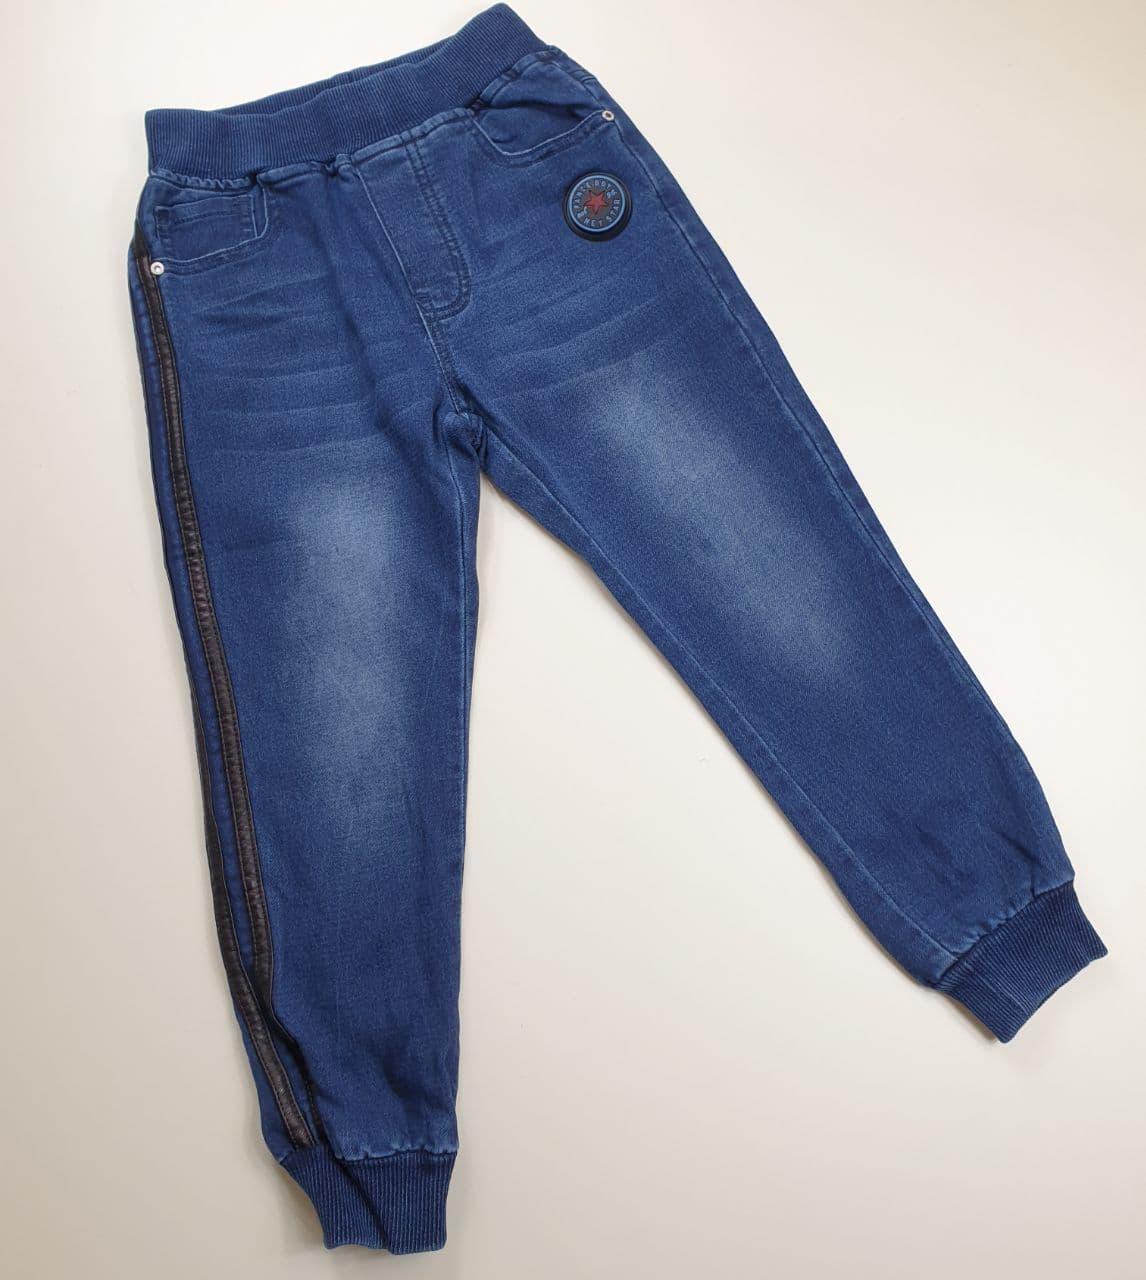 Підліткові Брюки , штани шкільні темно-сині хлопчик на зростання 158,164 см, Туреччина ALTUN